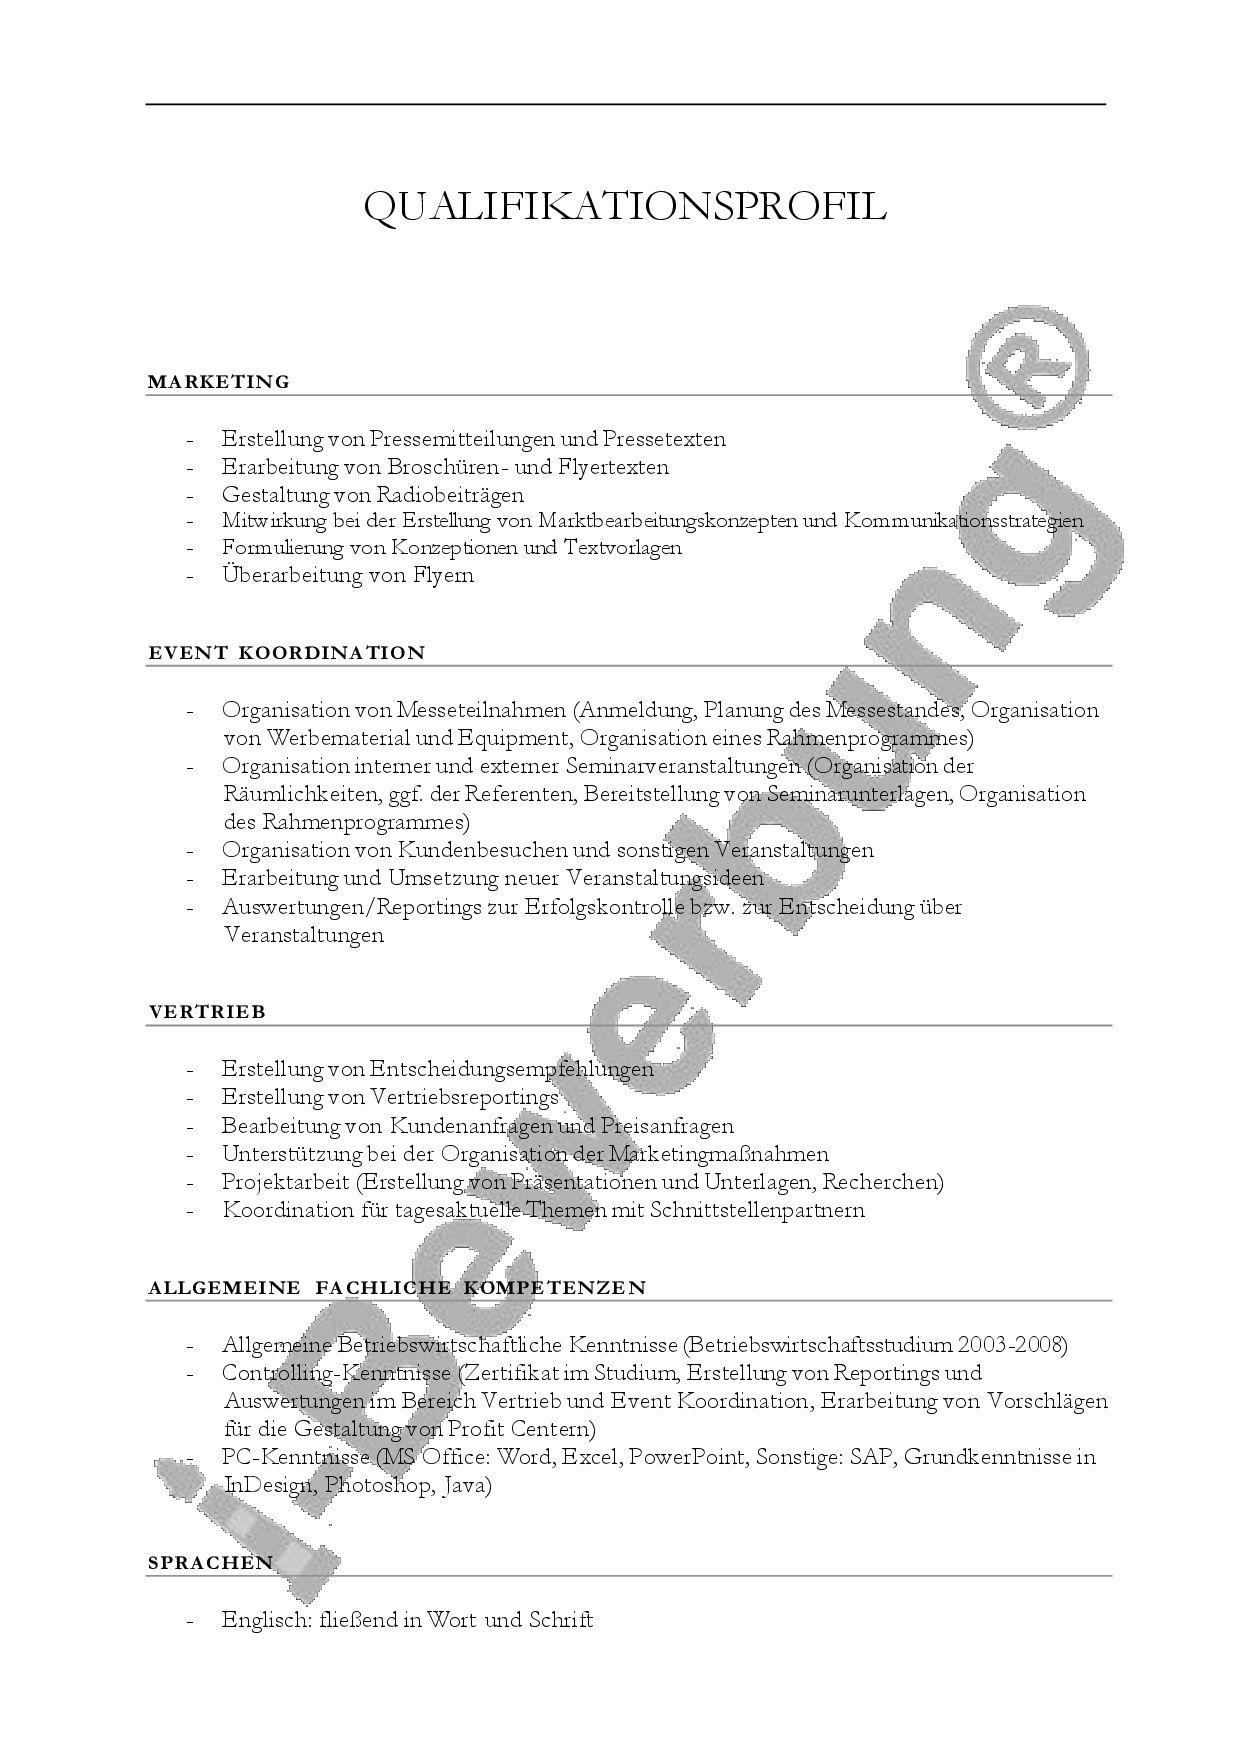 Das Qualifikationsprofil Zur Intiativbewerbung Bewerbung Lebenslauf Profil